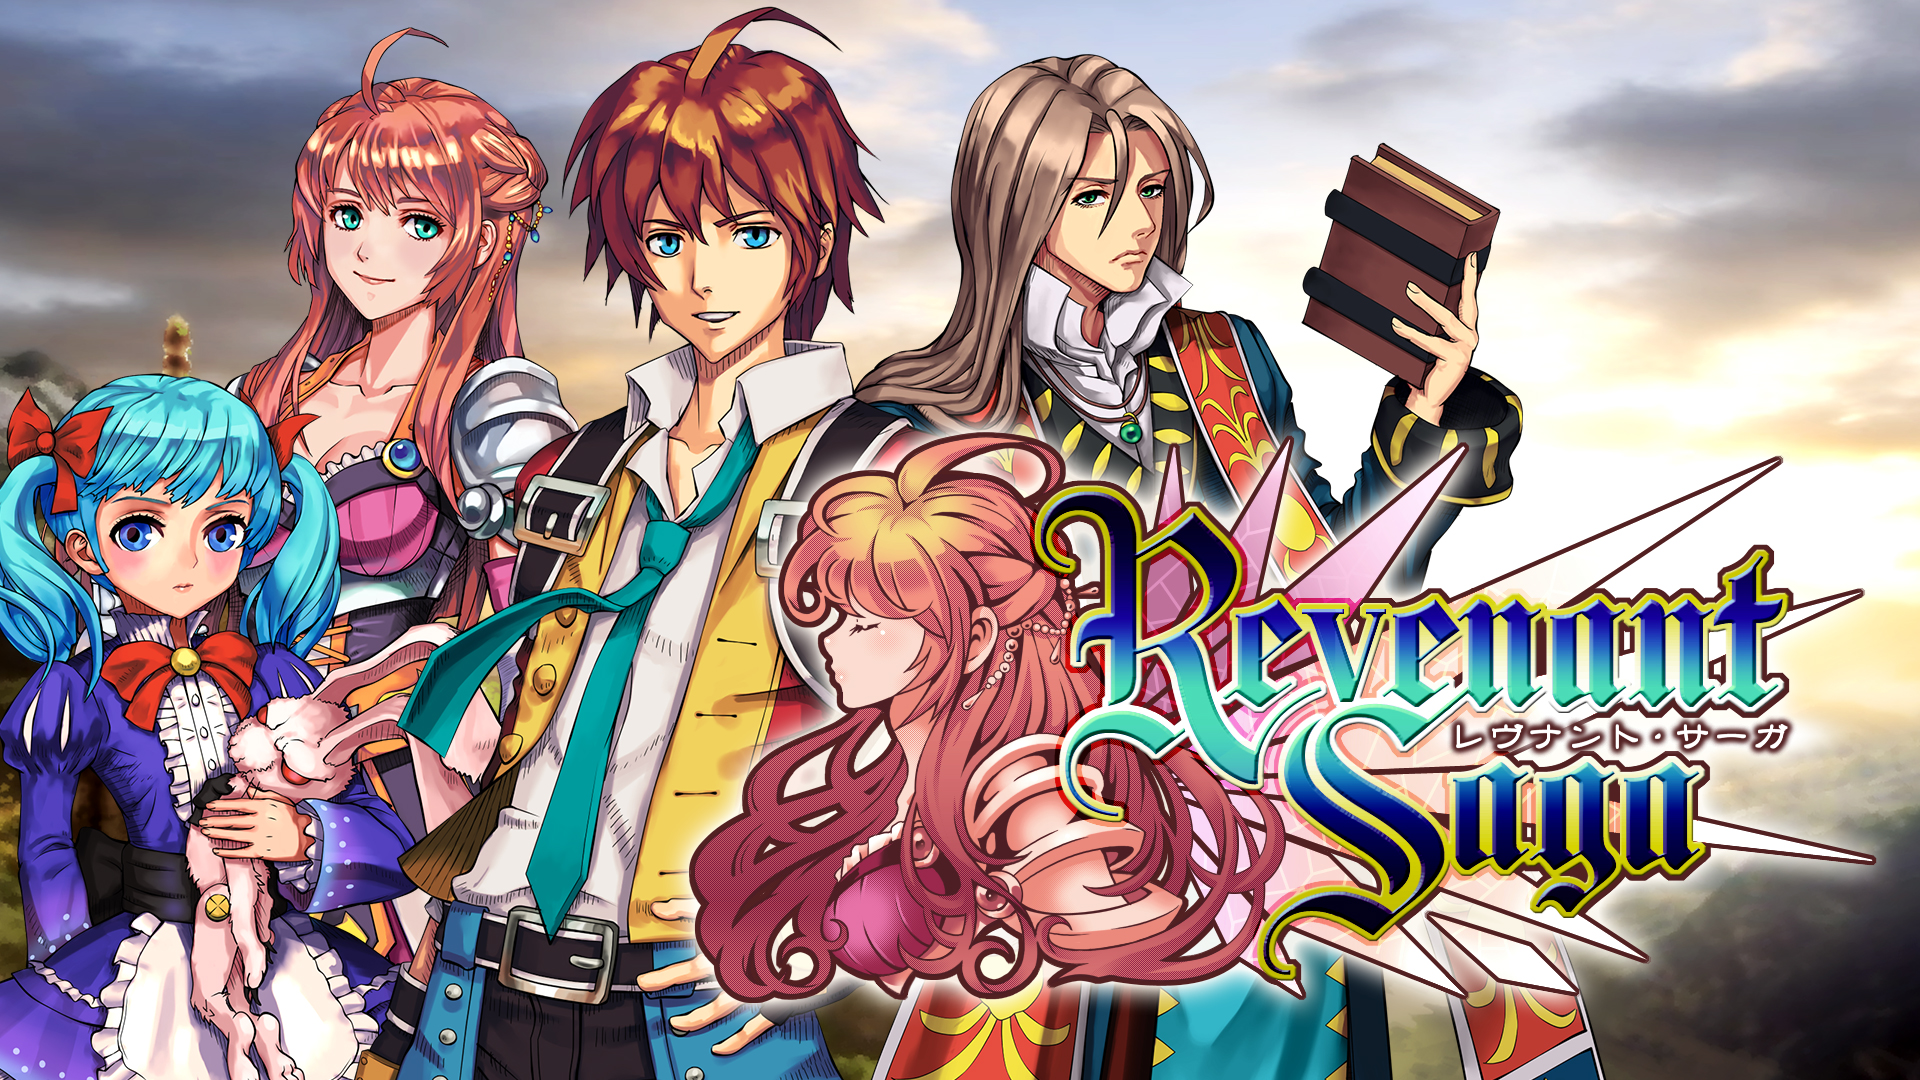 ケムコのRPG『レヴナントサーガ』がNintendo Switchで発売決定!